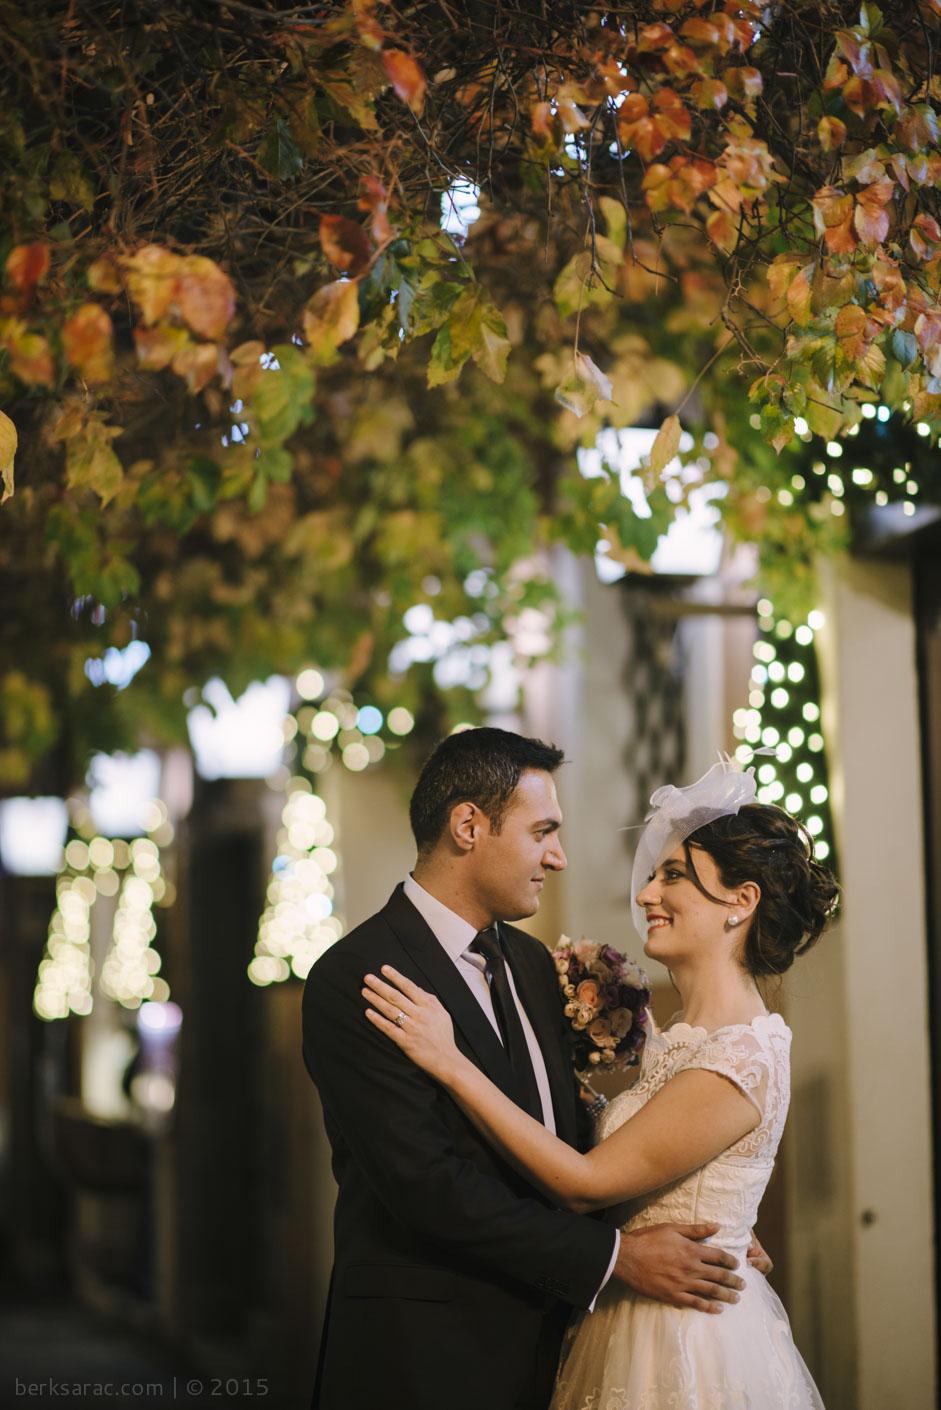 italya_düğün_fotoğrafları_078